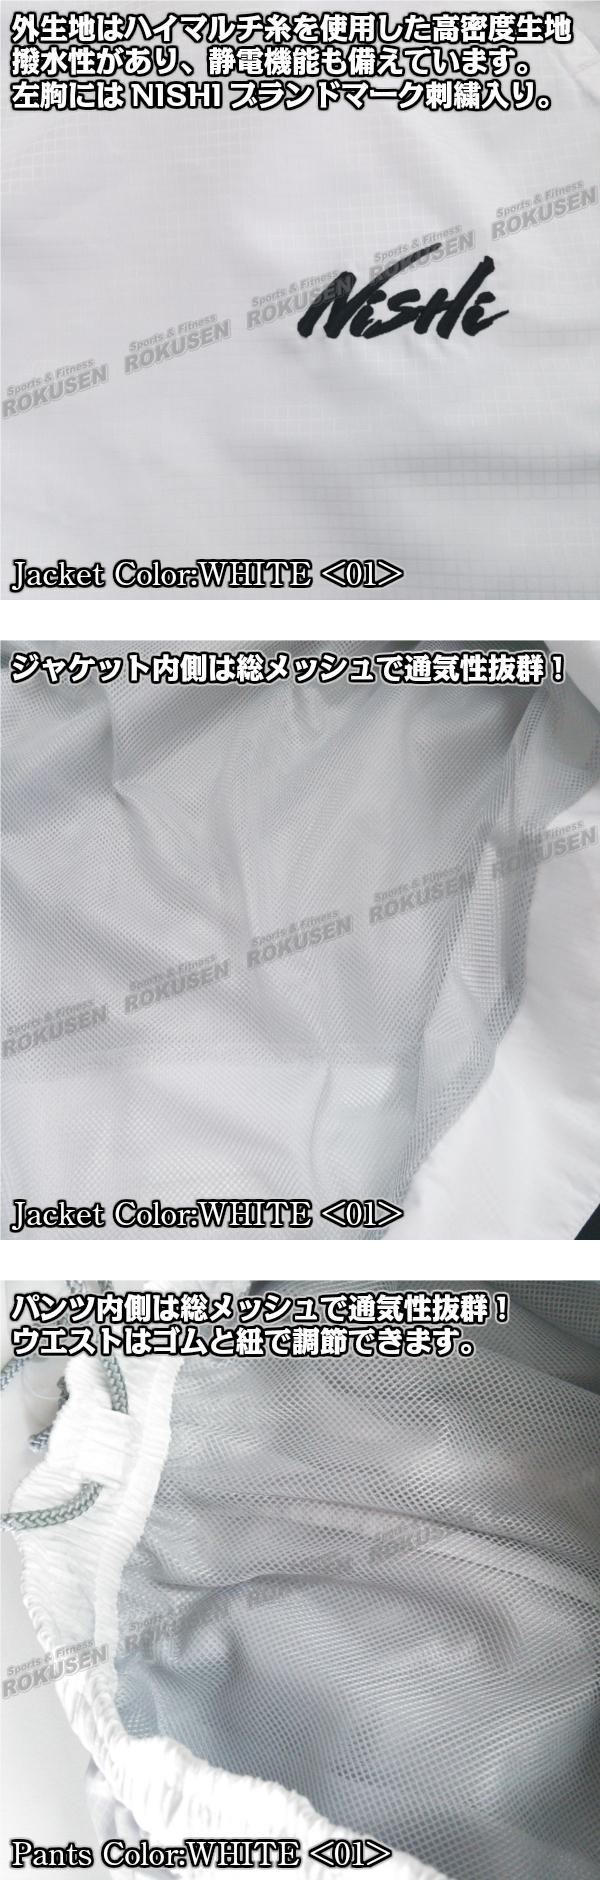 【NISHI ニシ・スポーツ】ライトウインドブレーカー N84-21